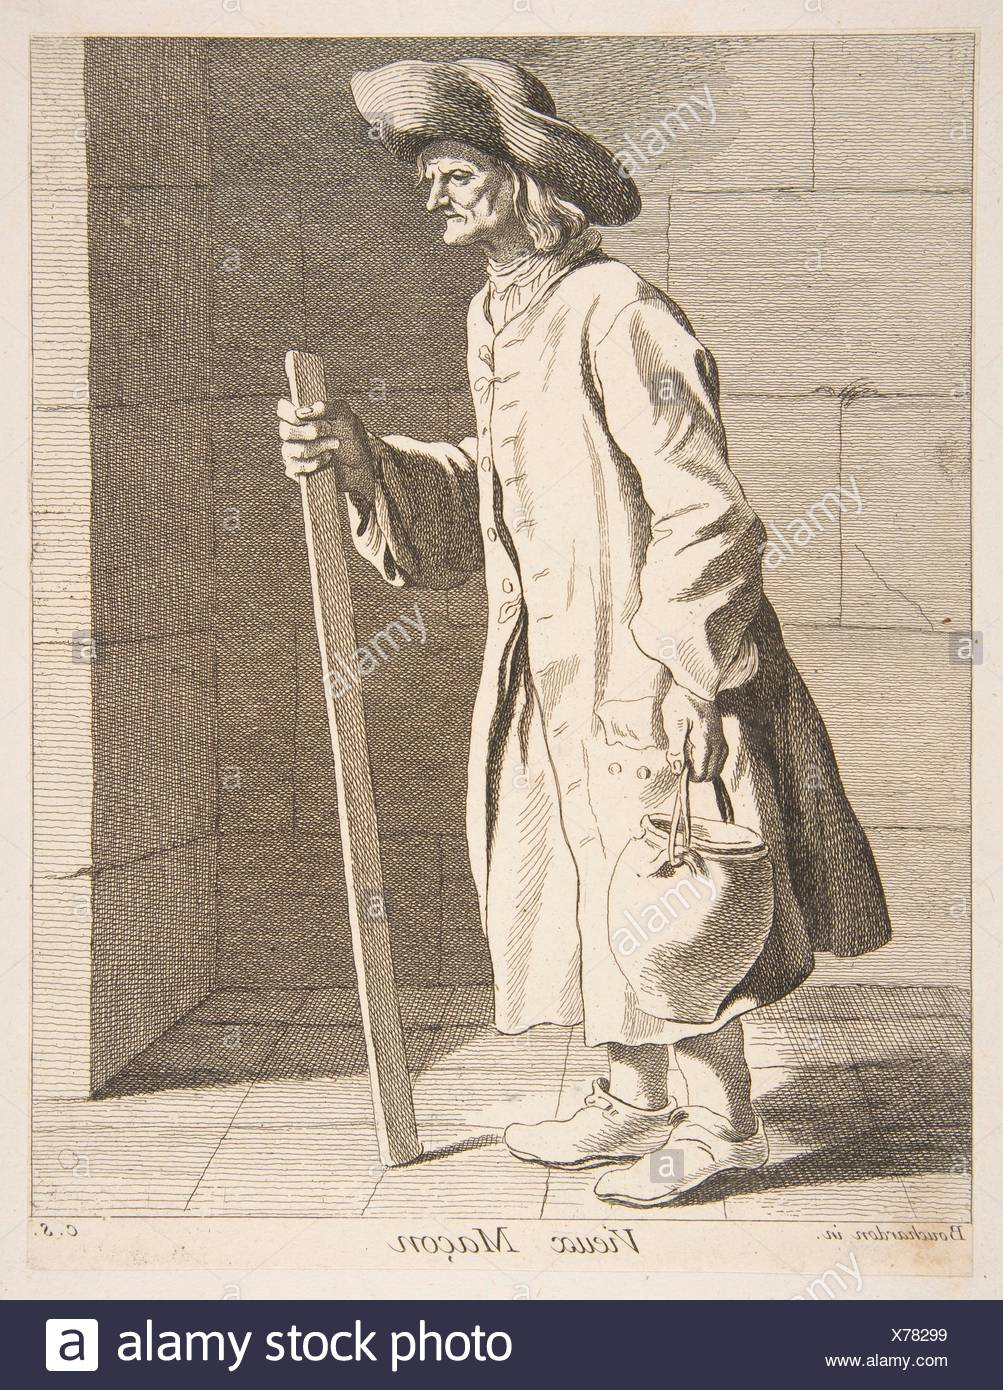 Old Bricklayer. Series/Portfolio: The Cries of Paris: First Set; Artist: Anne Claude Philippe de Tubières, comte de Caylus (French, Paris 1692-1765 - Stock Image